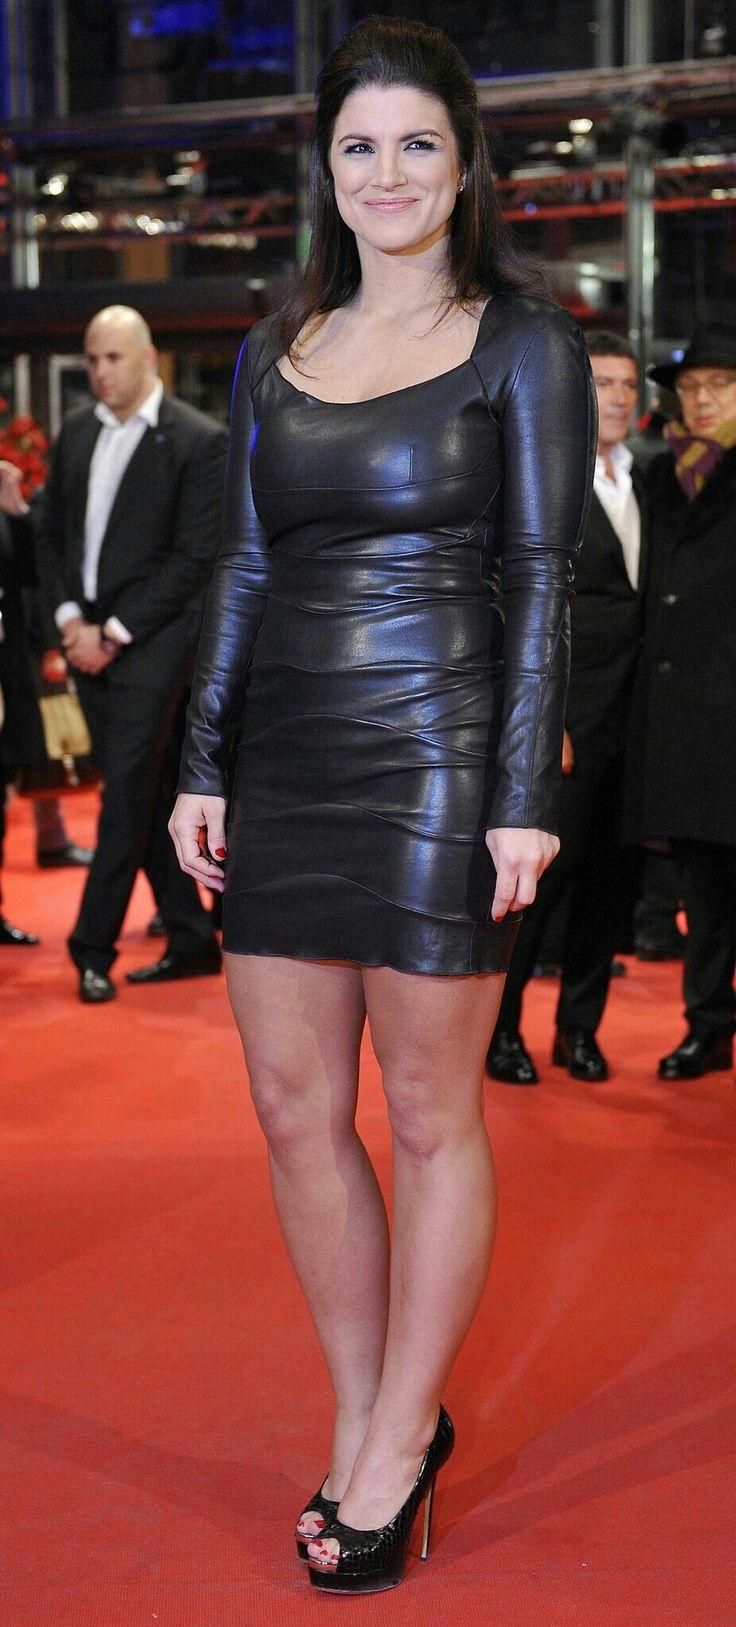 Gina Carano Joins 'Star Wars' Disney+ Series 'The ...  |Gina Carano